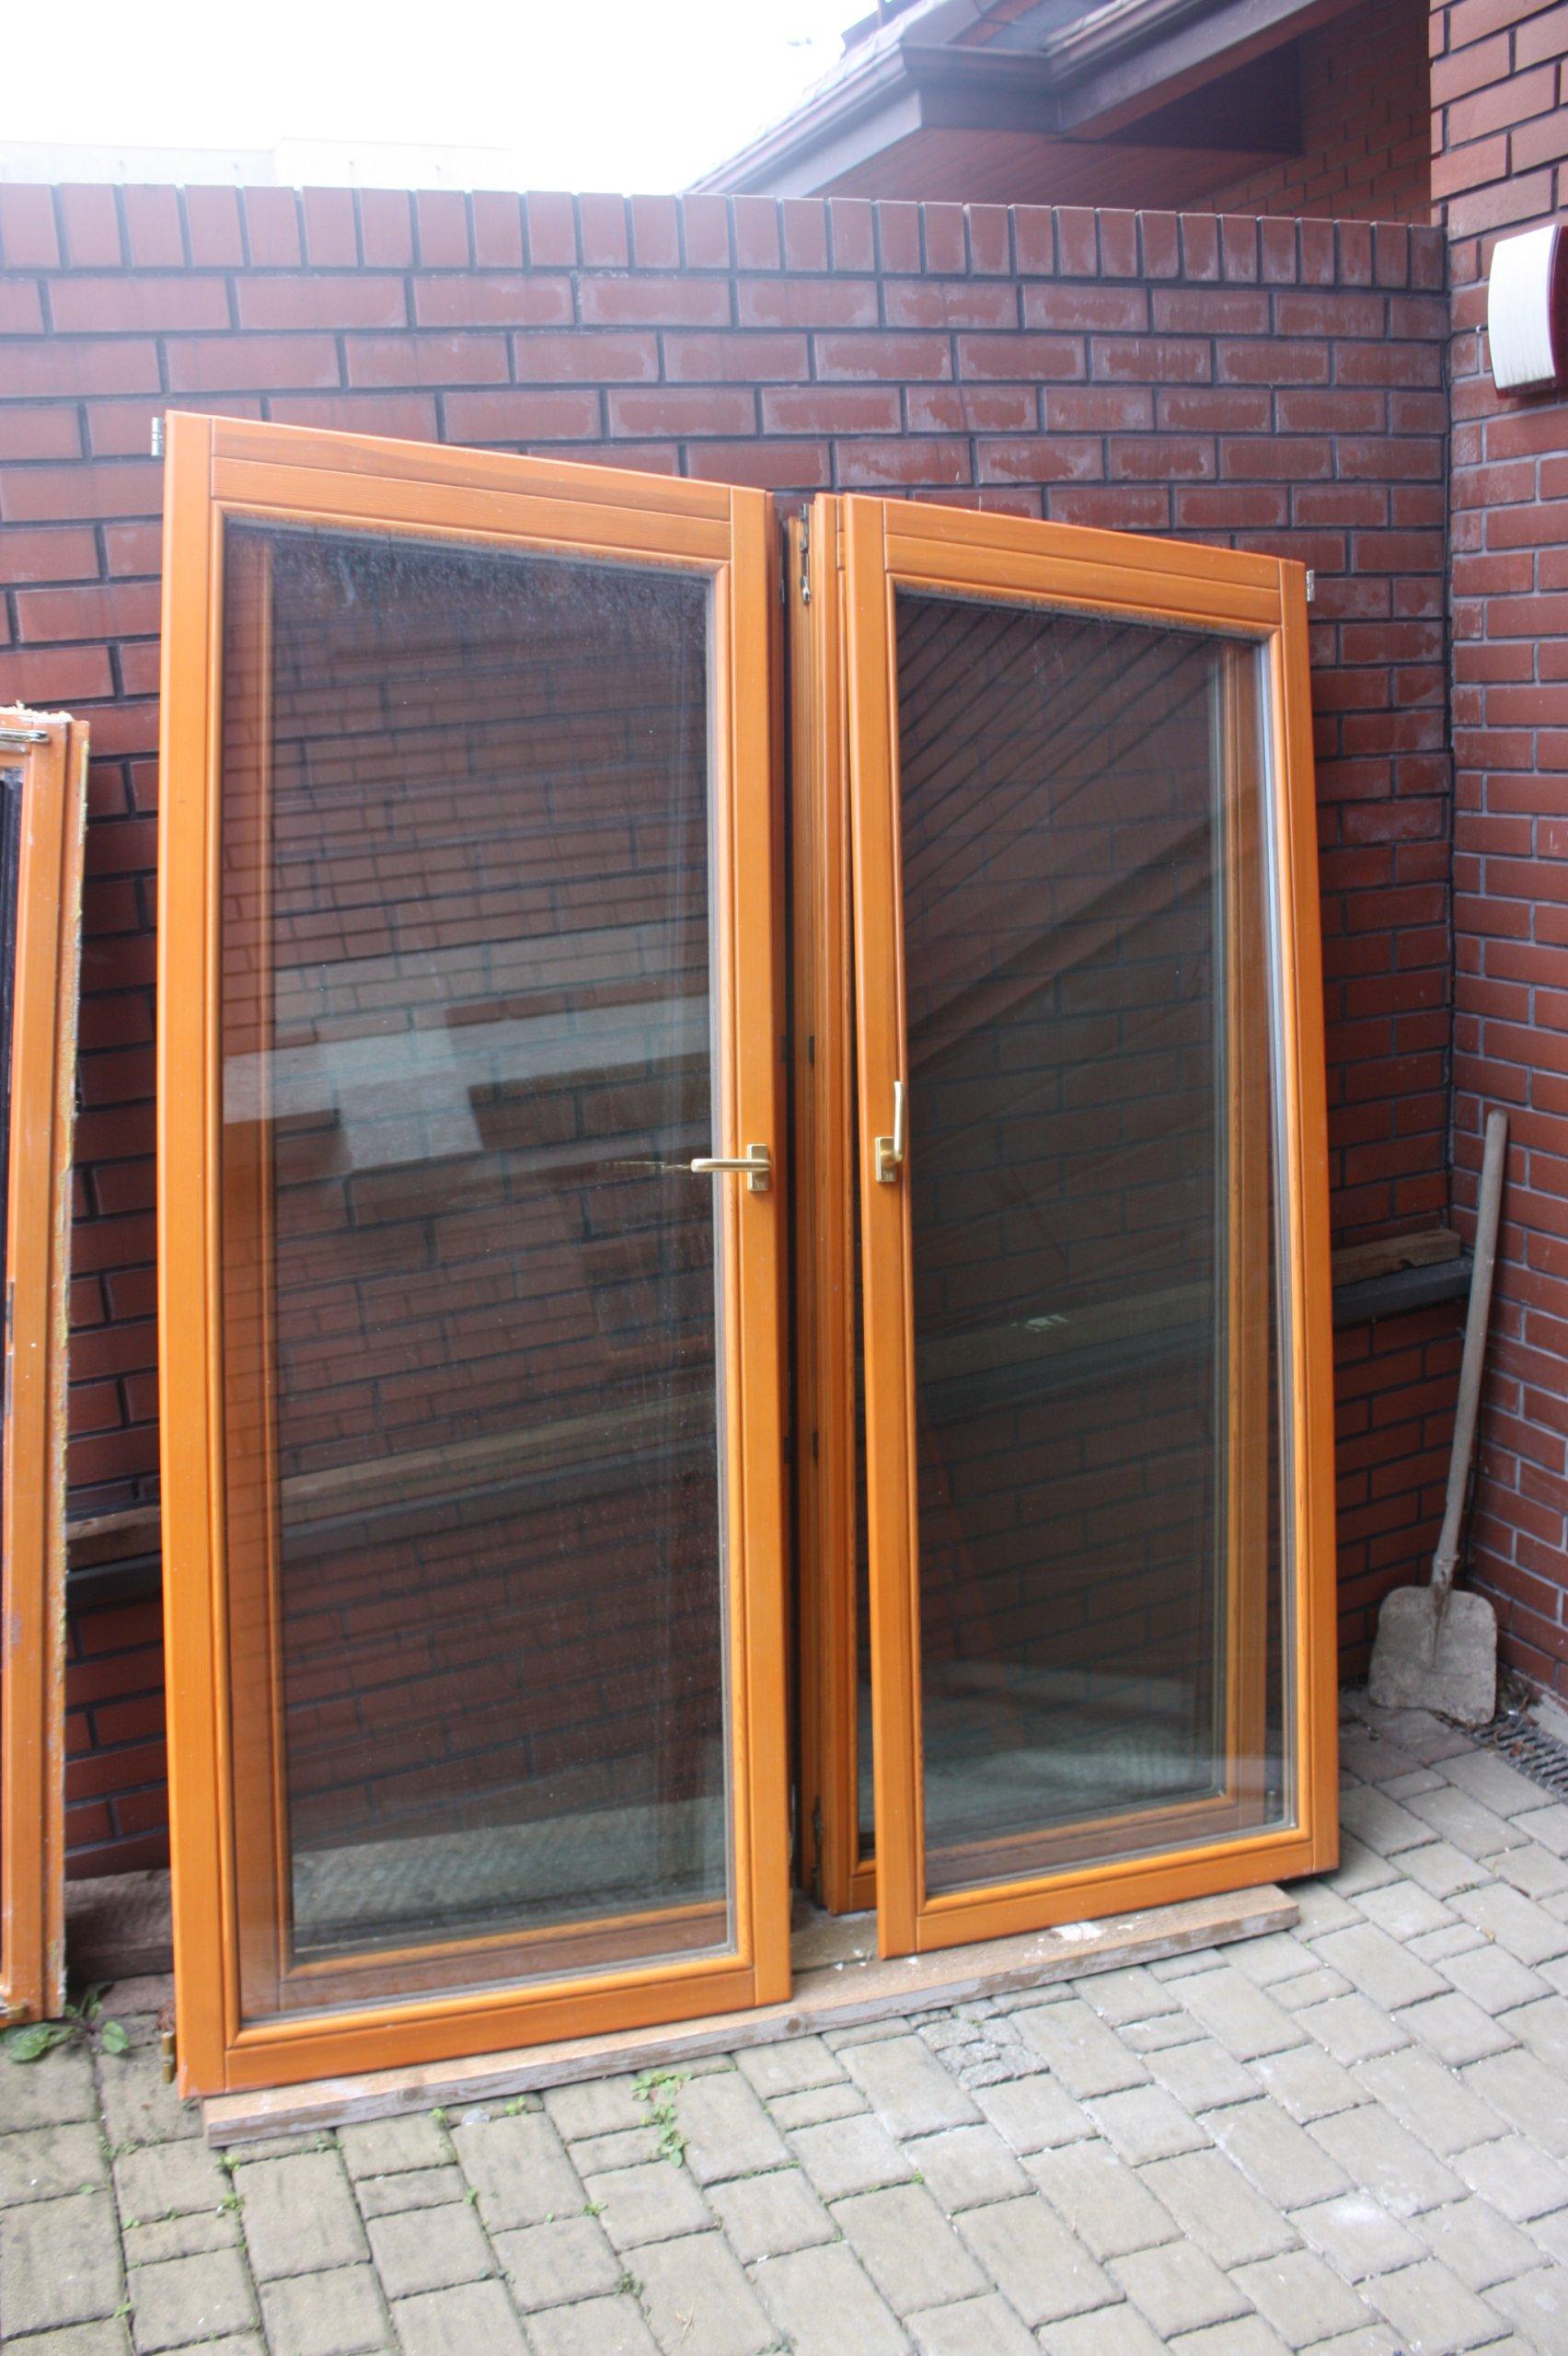 Okna Okno Drzwi Tarasowe Balkonowe Urzędowski 6957382430